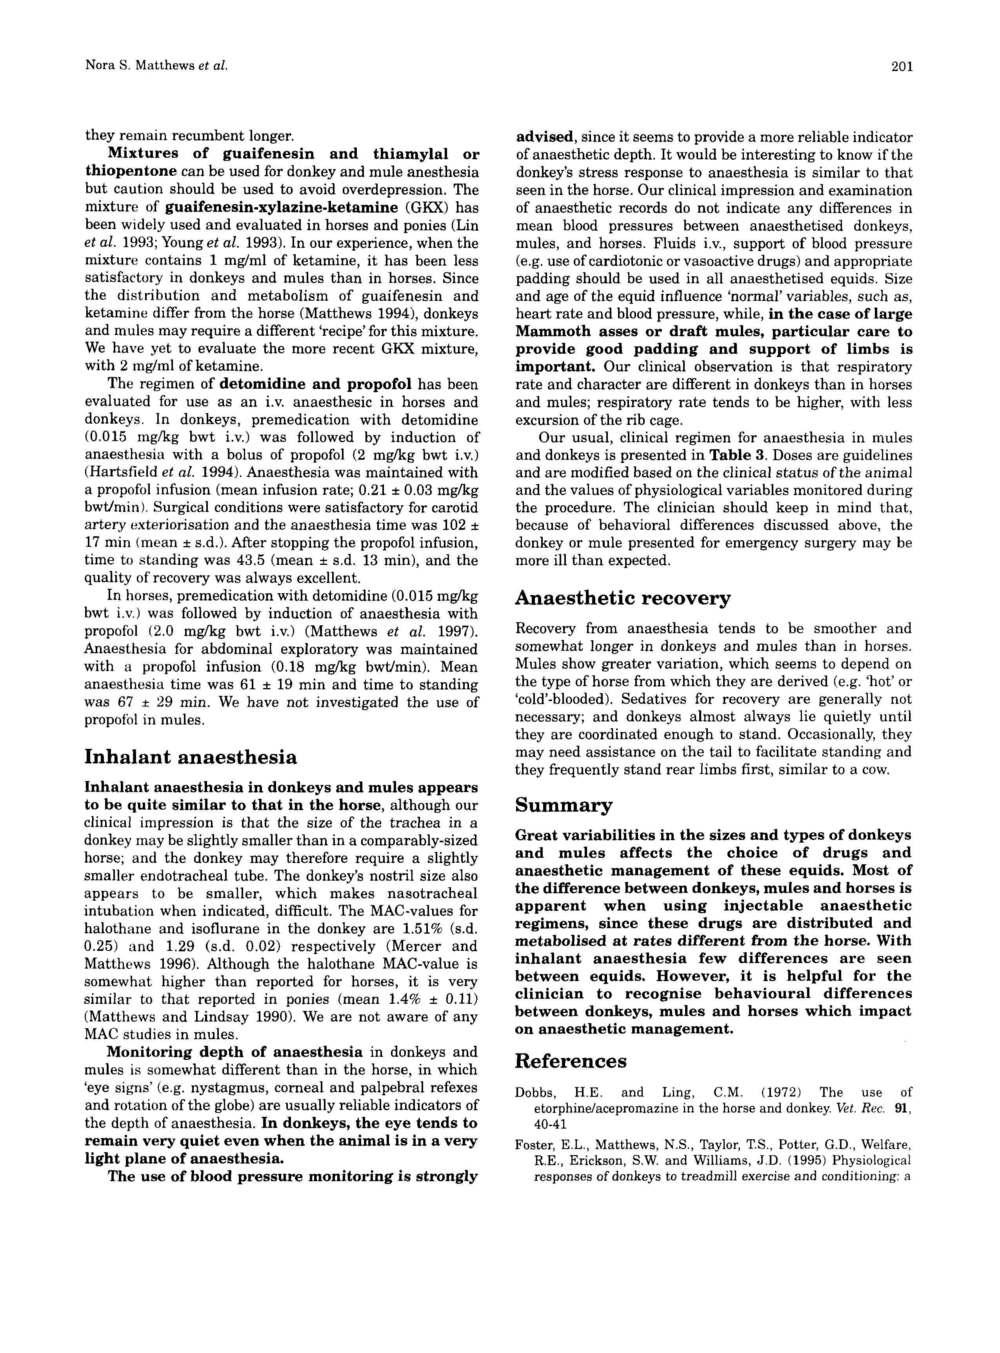 j.2042-3292.1997.tb01306.x-1_Page_4.jpg